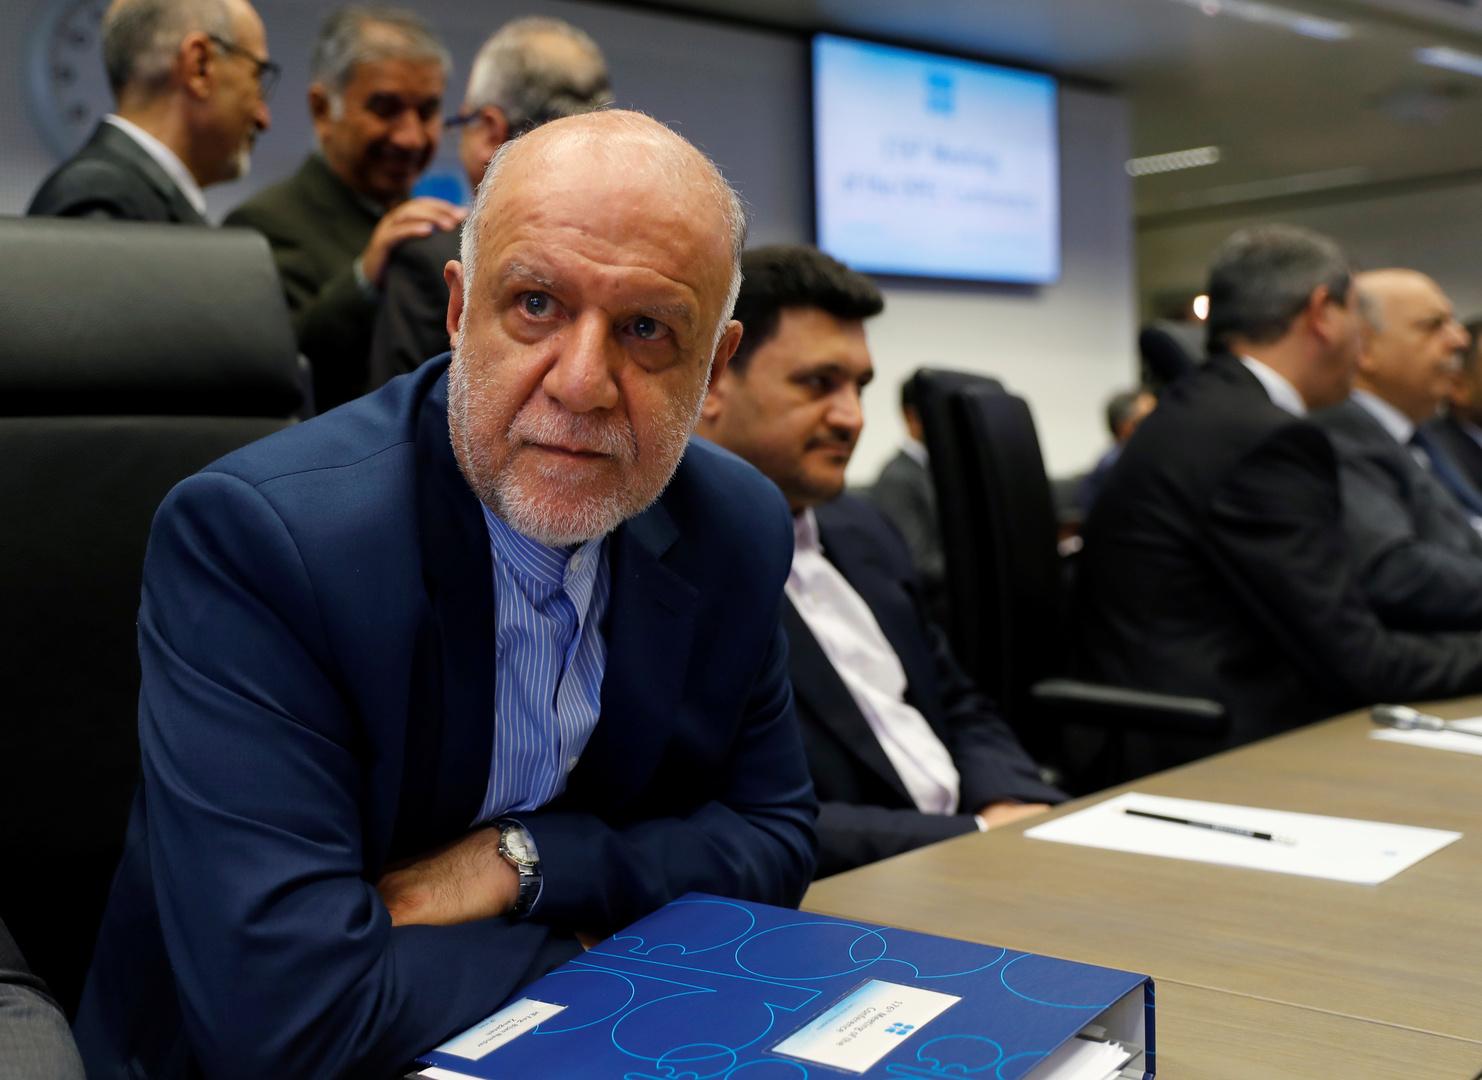 إيران: يجب الاتفاق على حجم الإنتاج قبل أي اجتماع لـ